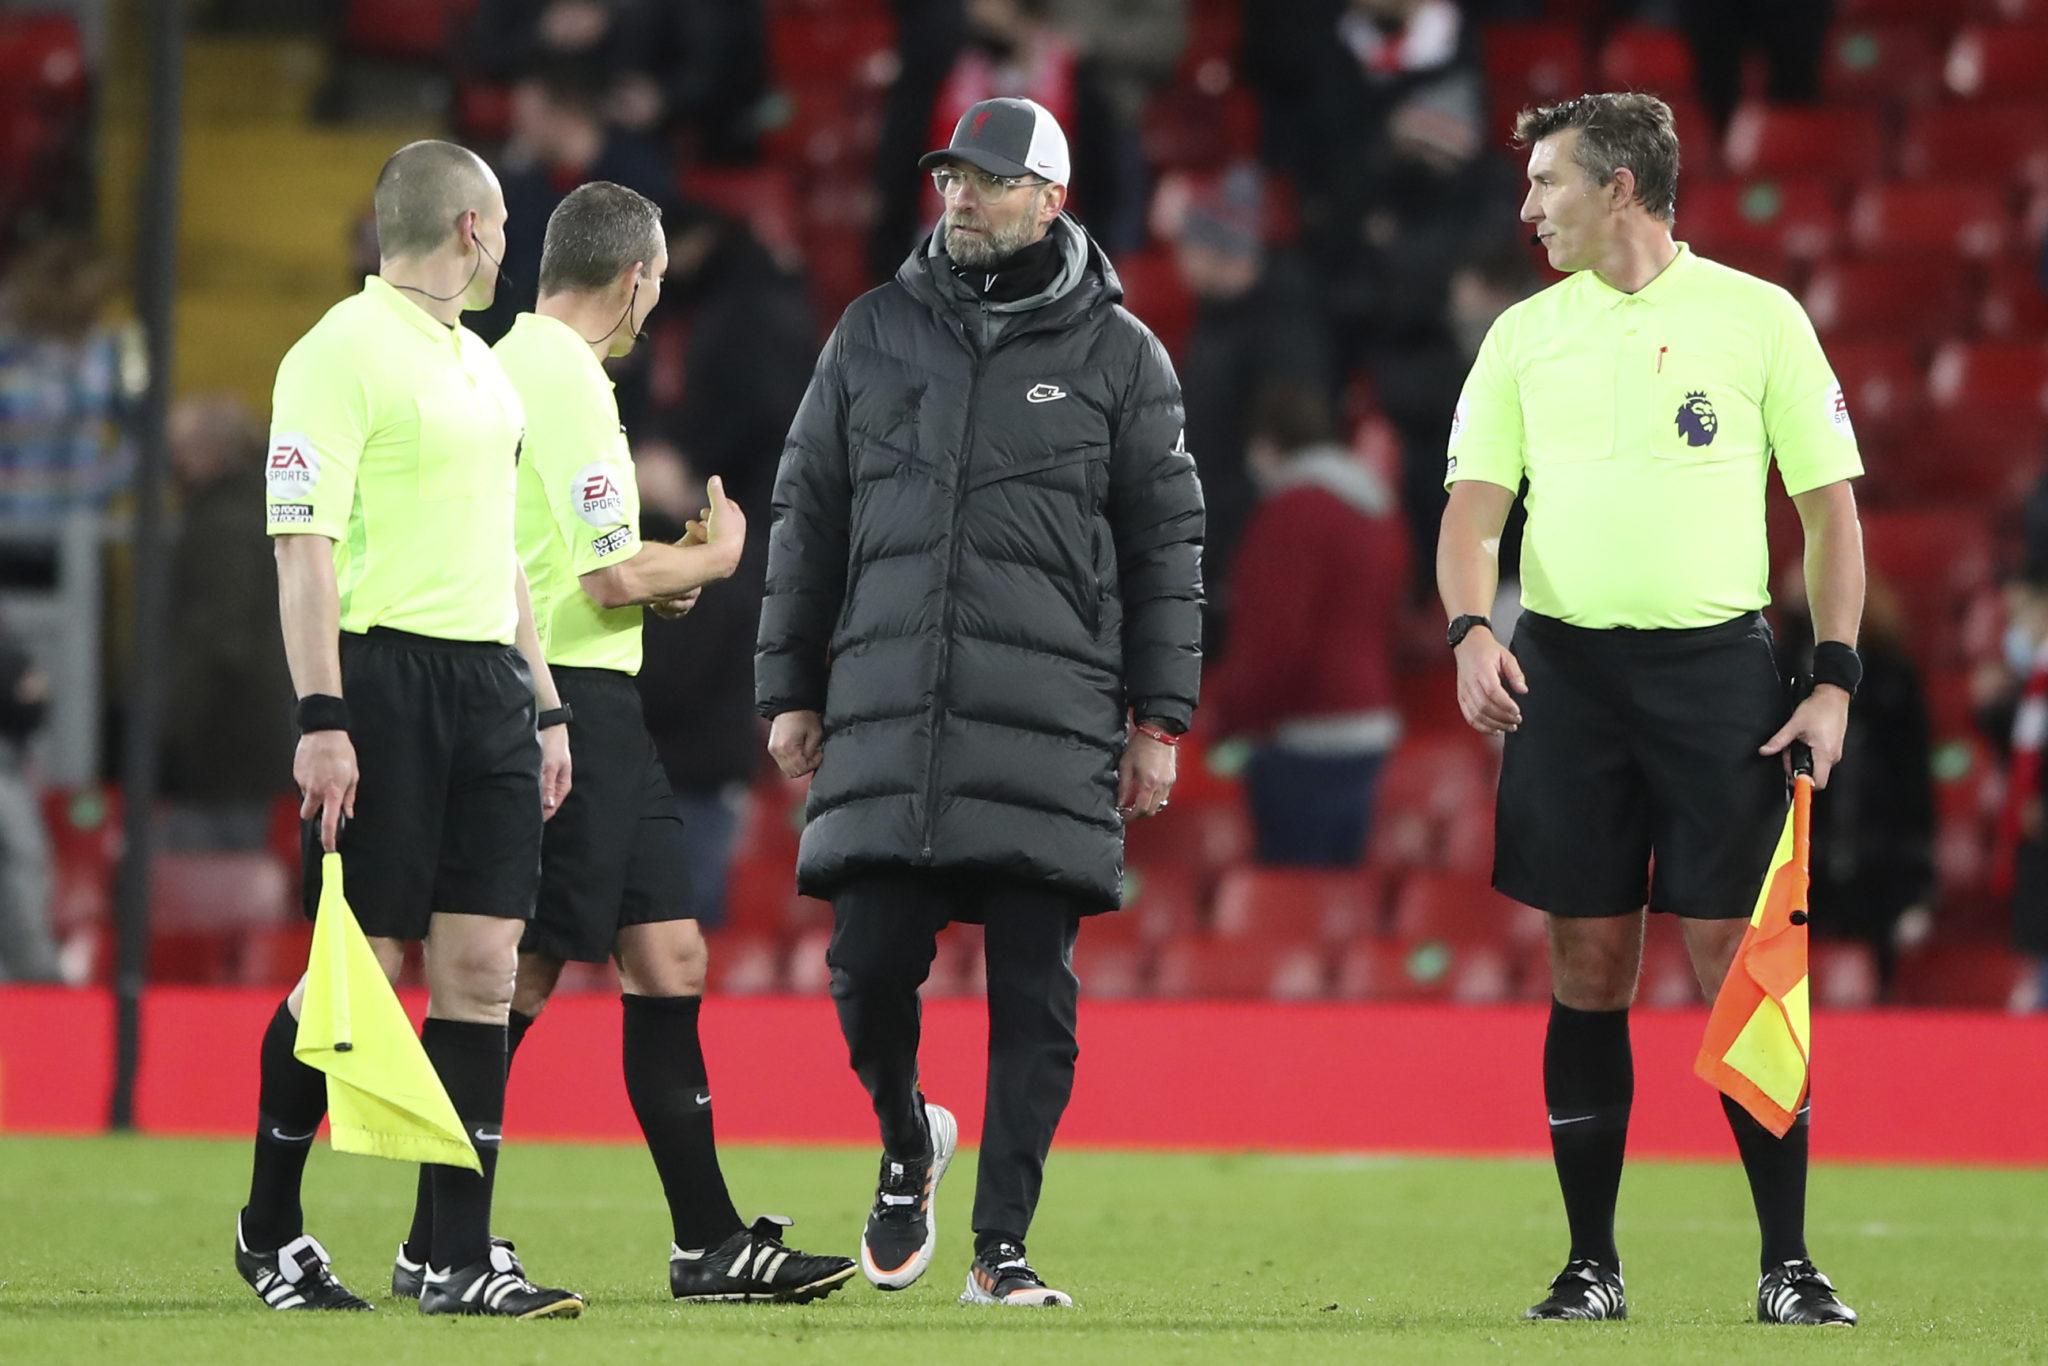 Liverpool manager Jurgen Klopp talks with match officials